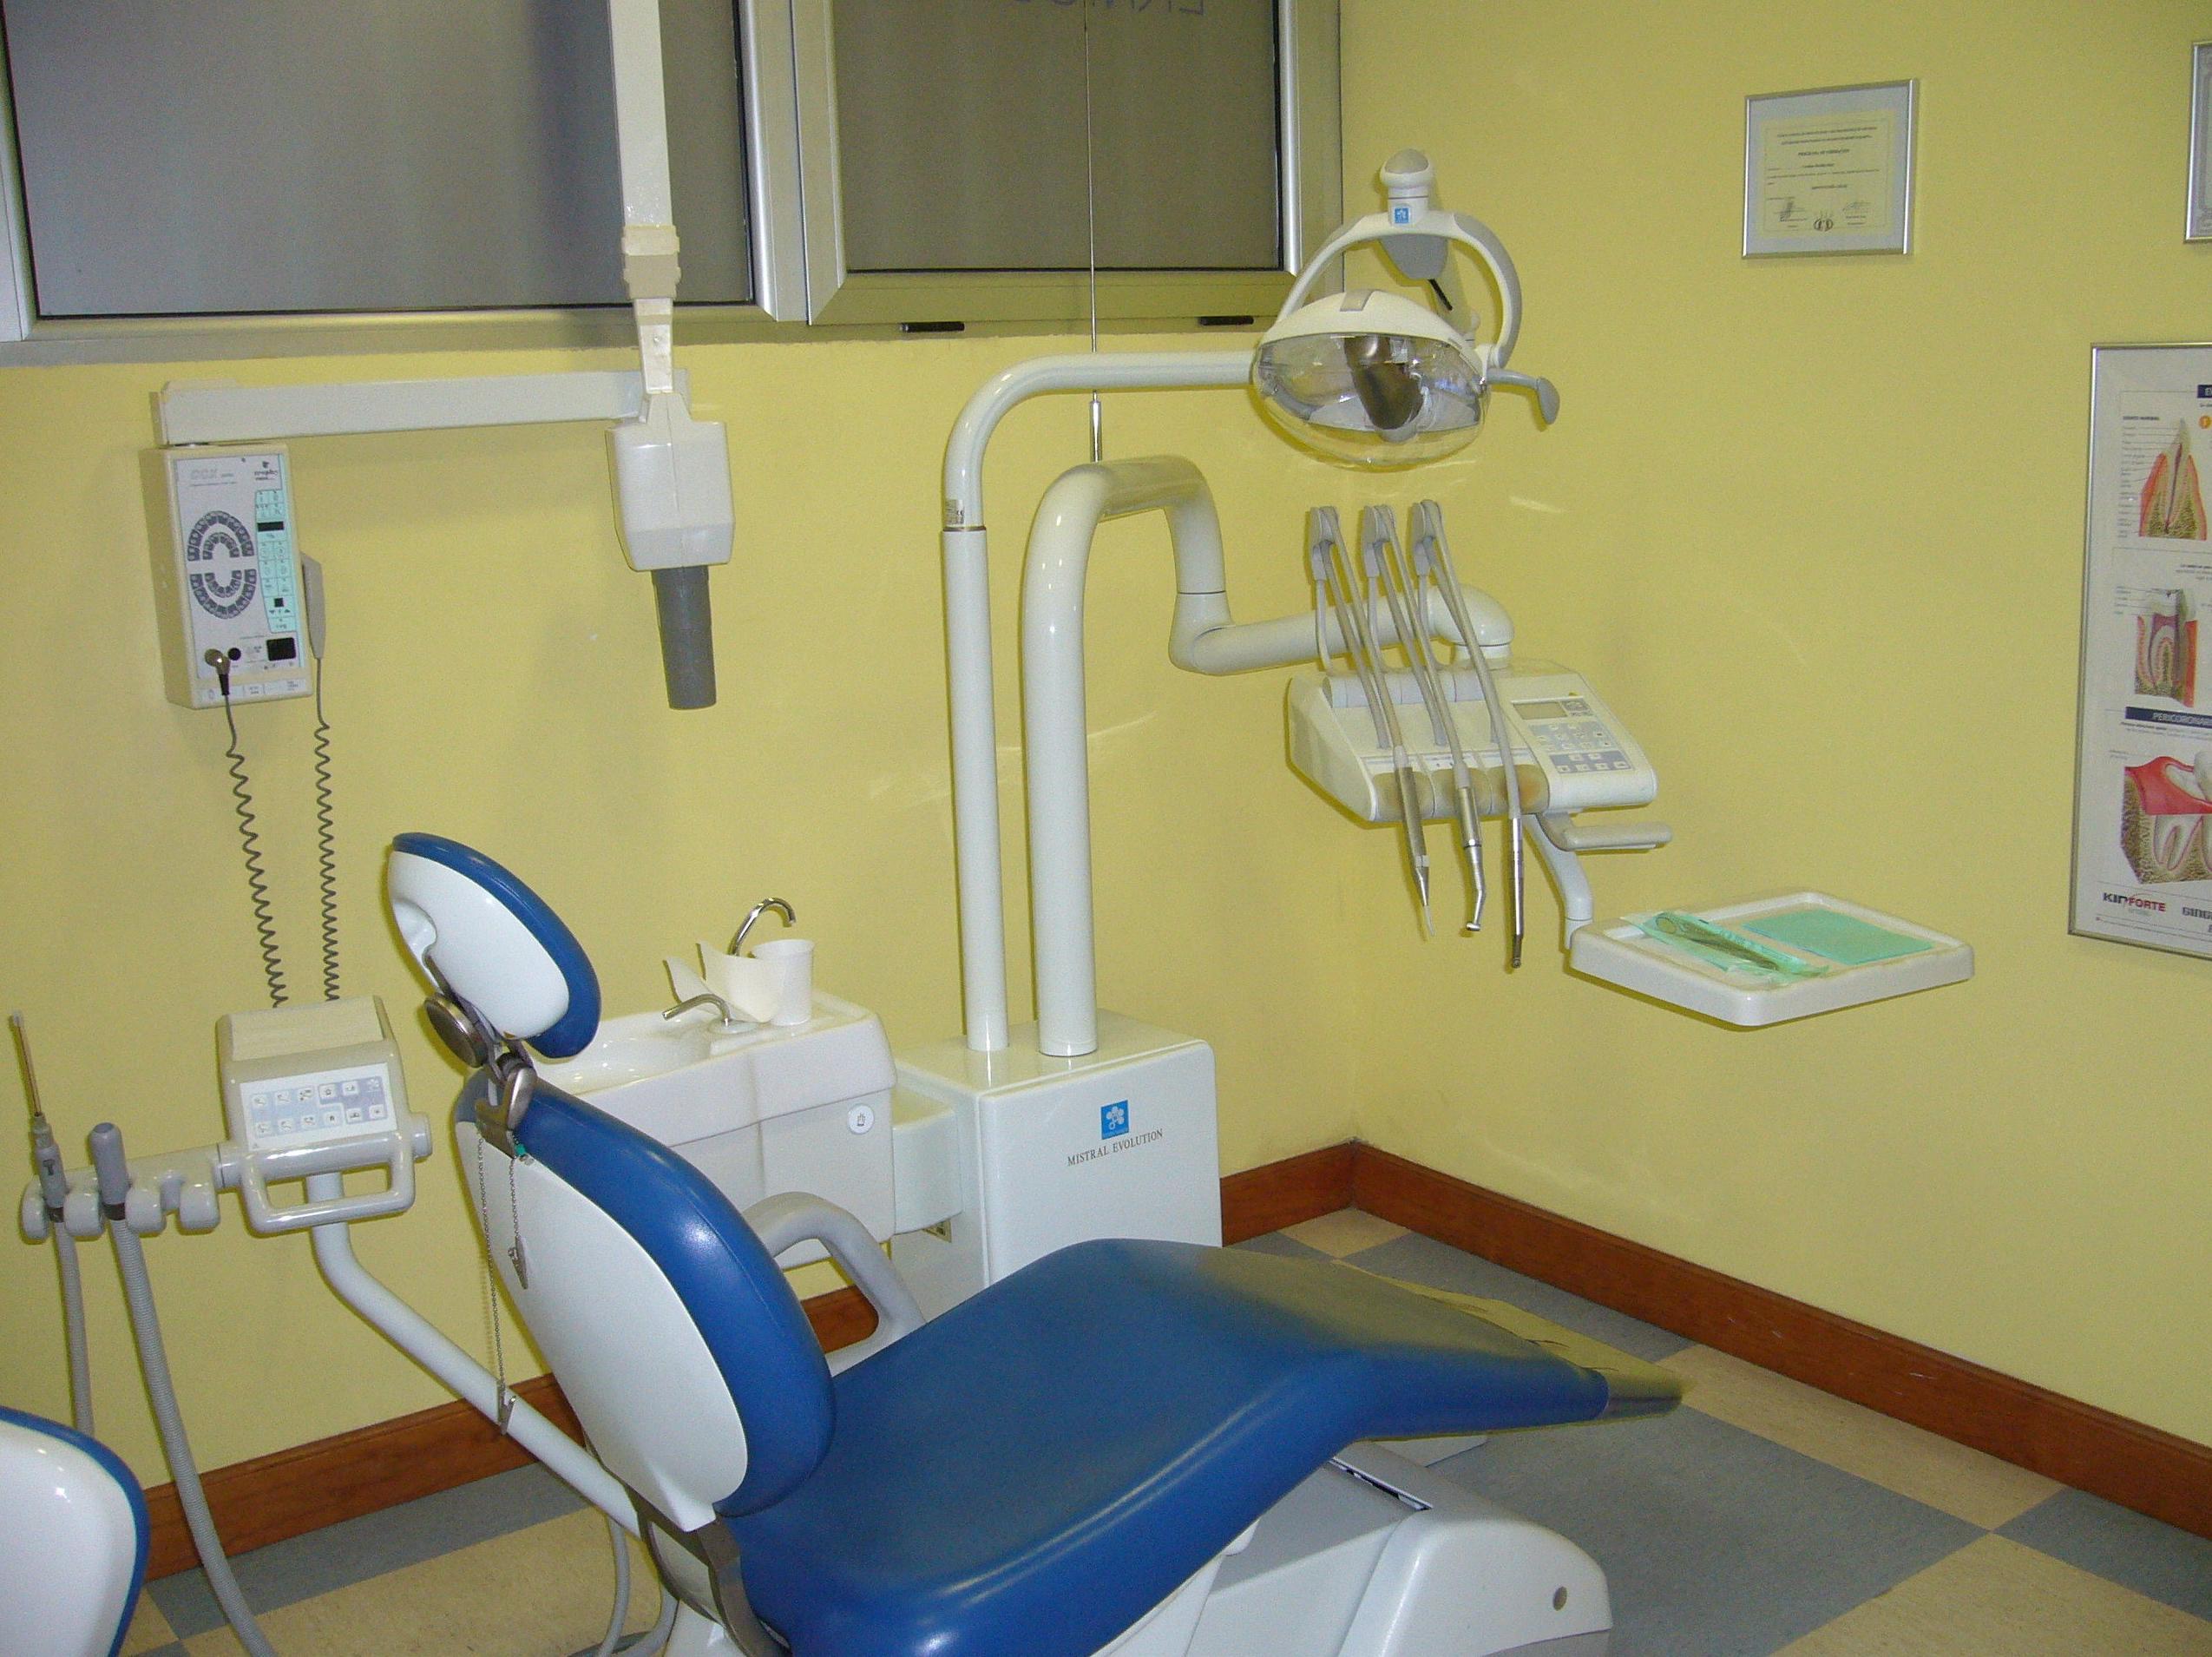 Foto 9 de Dentistas en Villabona | Clínica Dental Erniobea